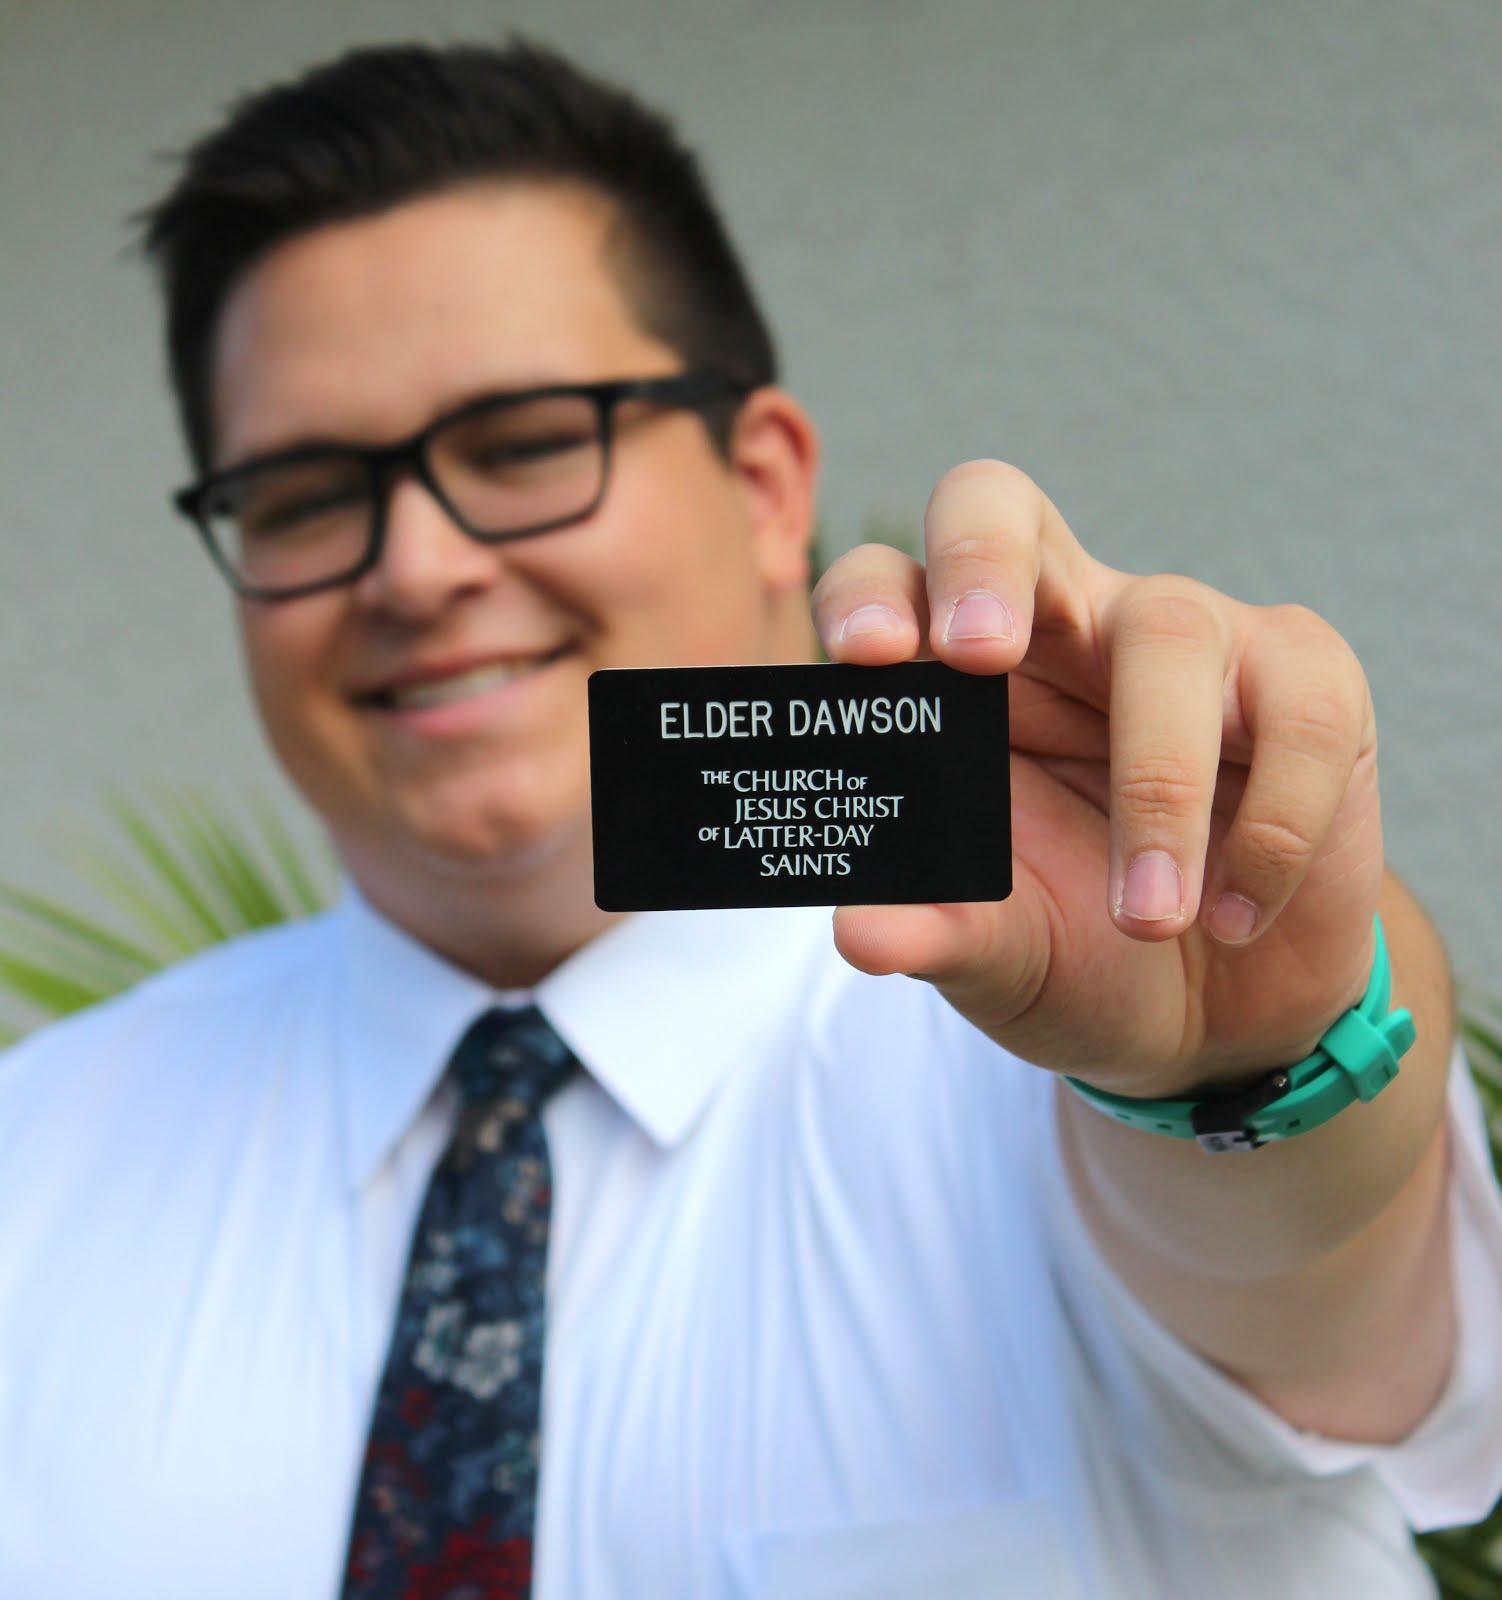 Elder Dawson